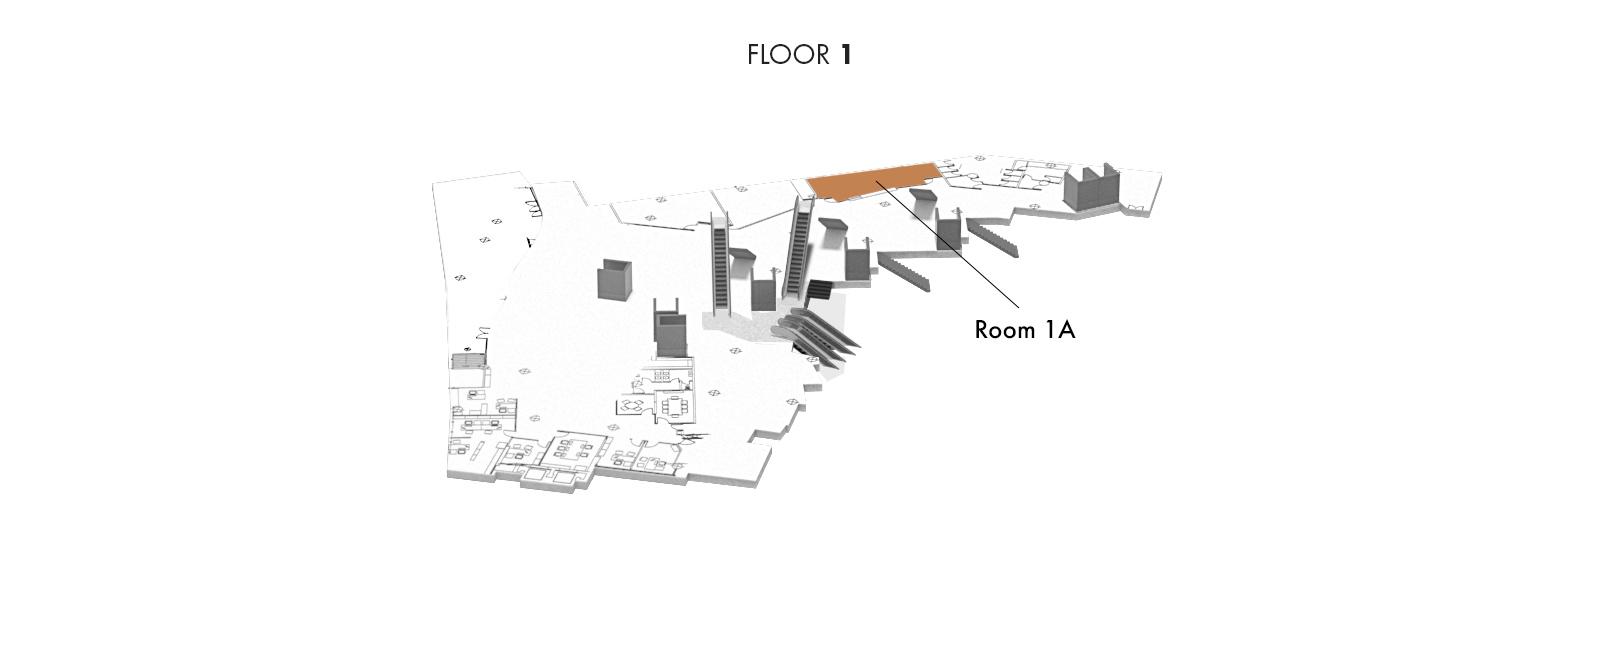 Room 1A, Floor 1   Palacio Euskalduna Jauregia